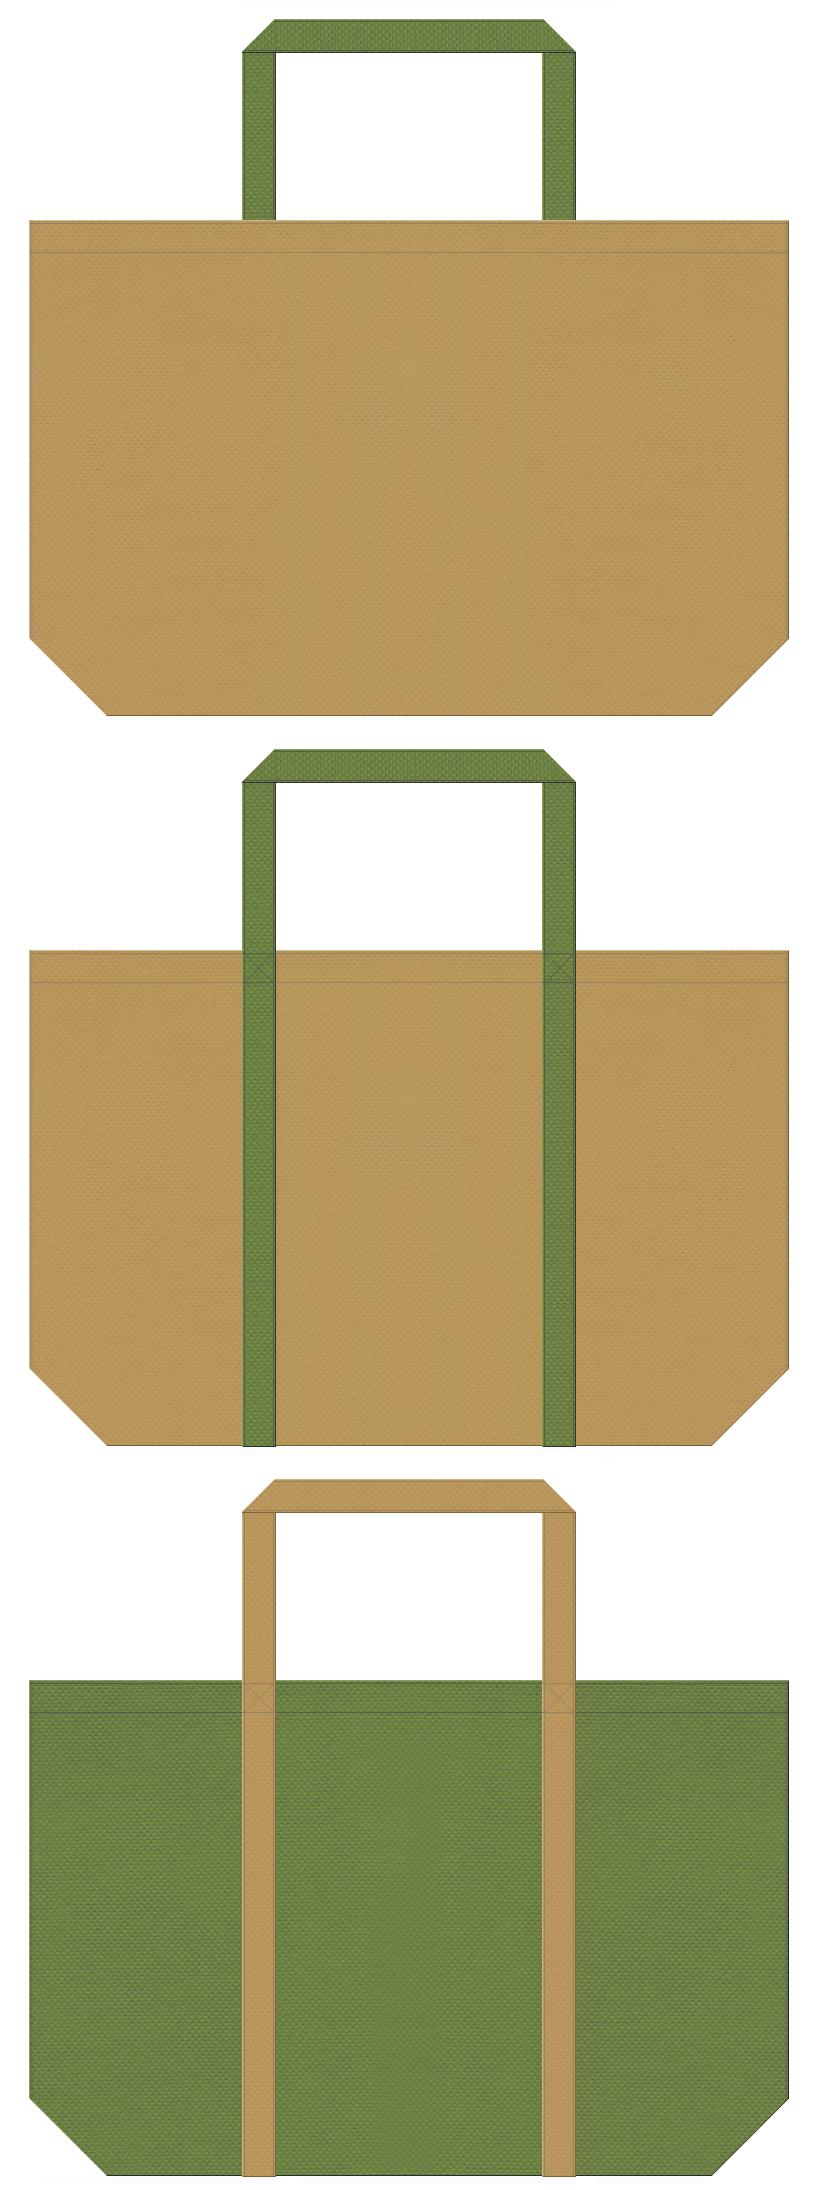 金色系黄土色と草色の不織布バッグデザイン。民芸品・伝統工芸品のショッピングバッグにお奨めです。